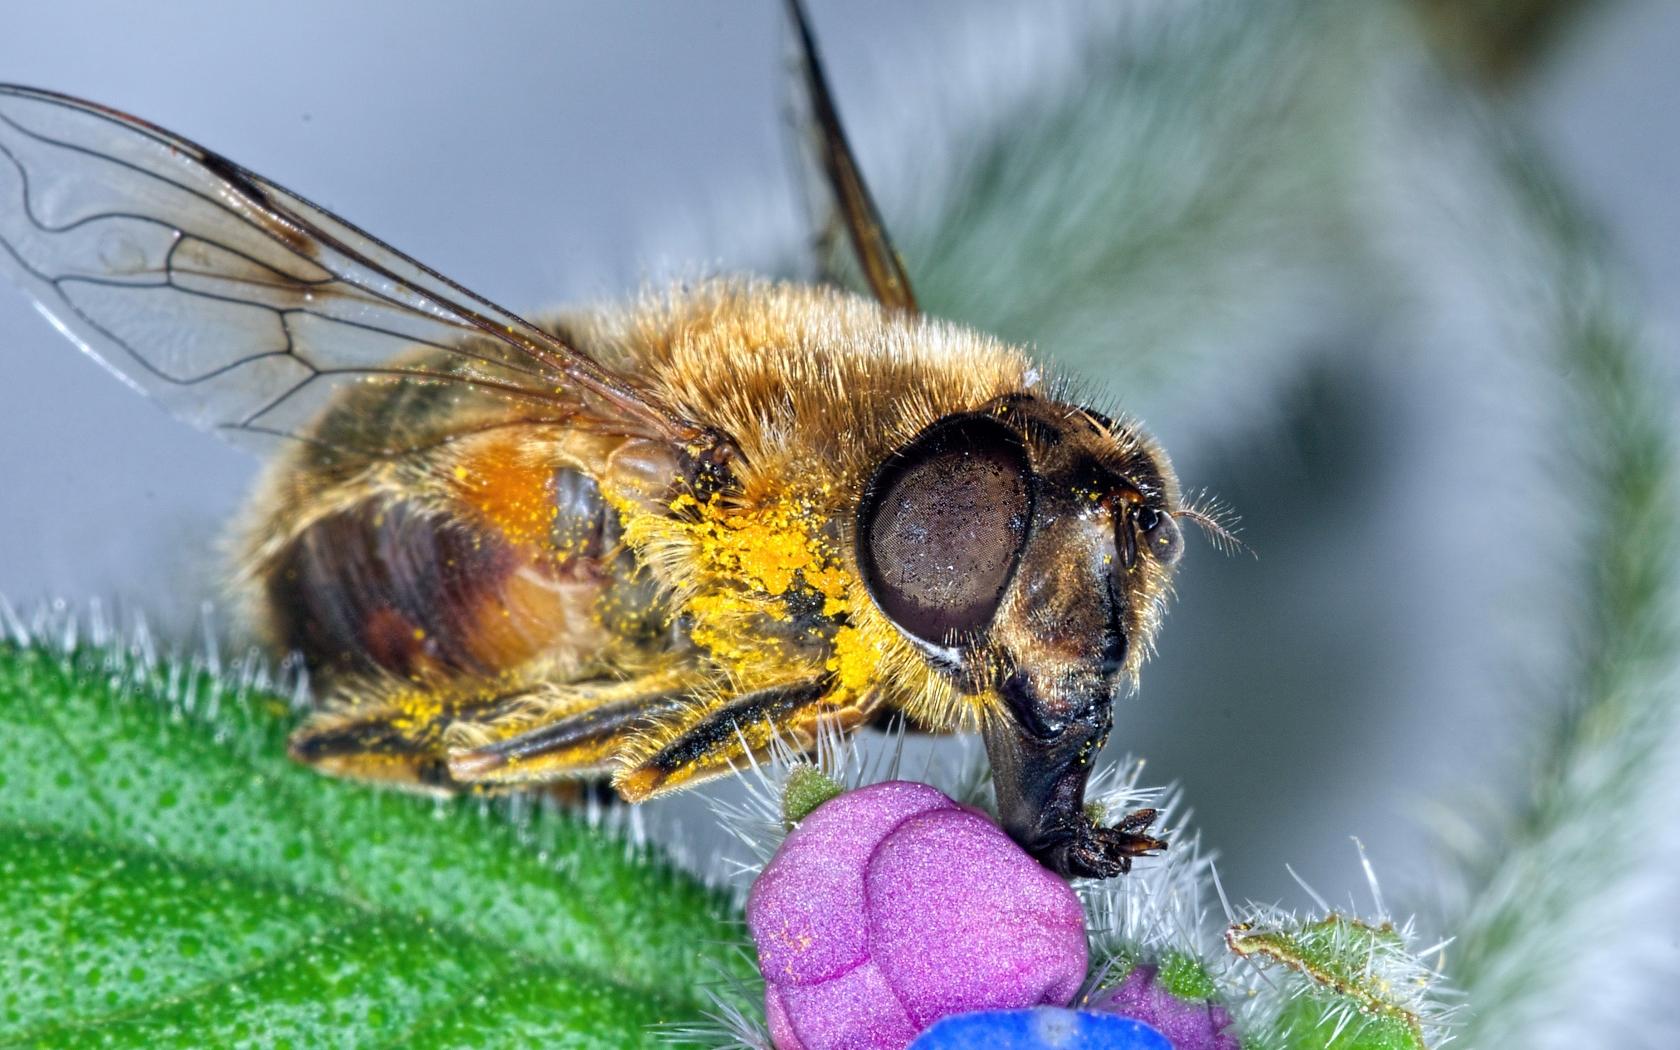 Fotos macro de abejas - 1680x1050